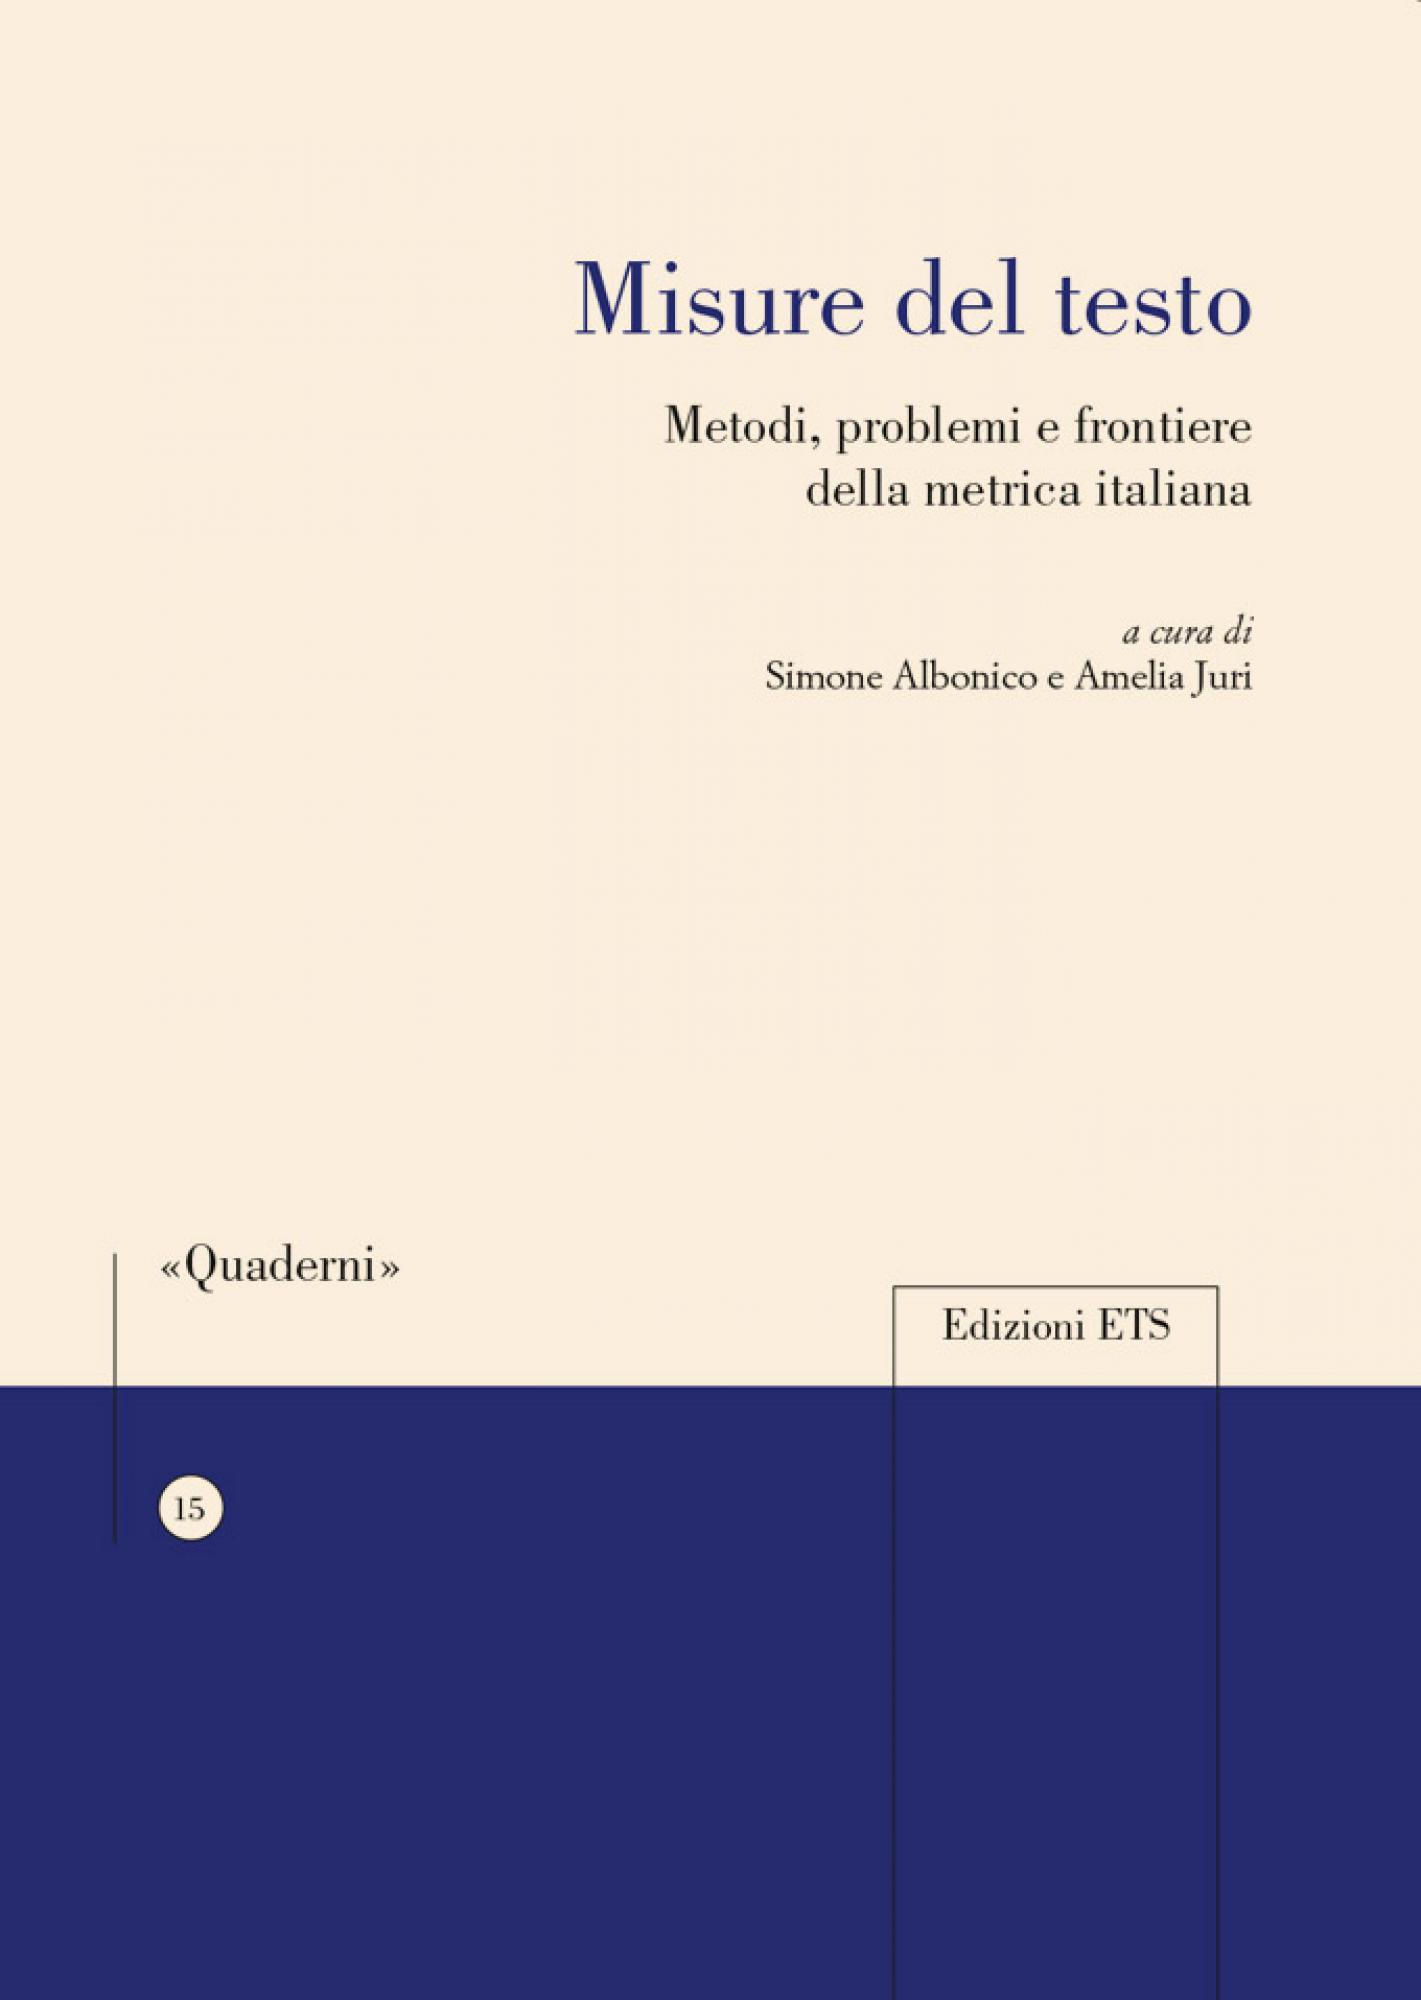 Misure del testo.Metodi, problemi e frontiere della metrica italiana